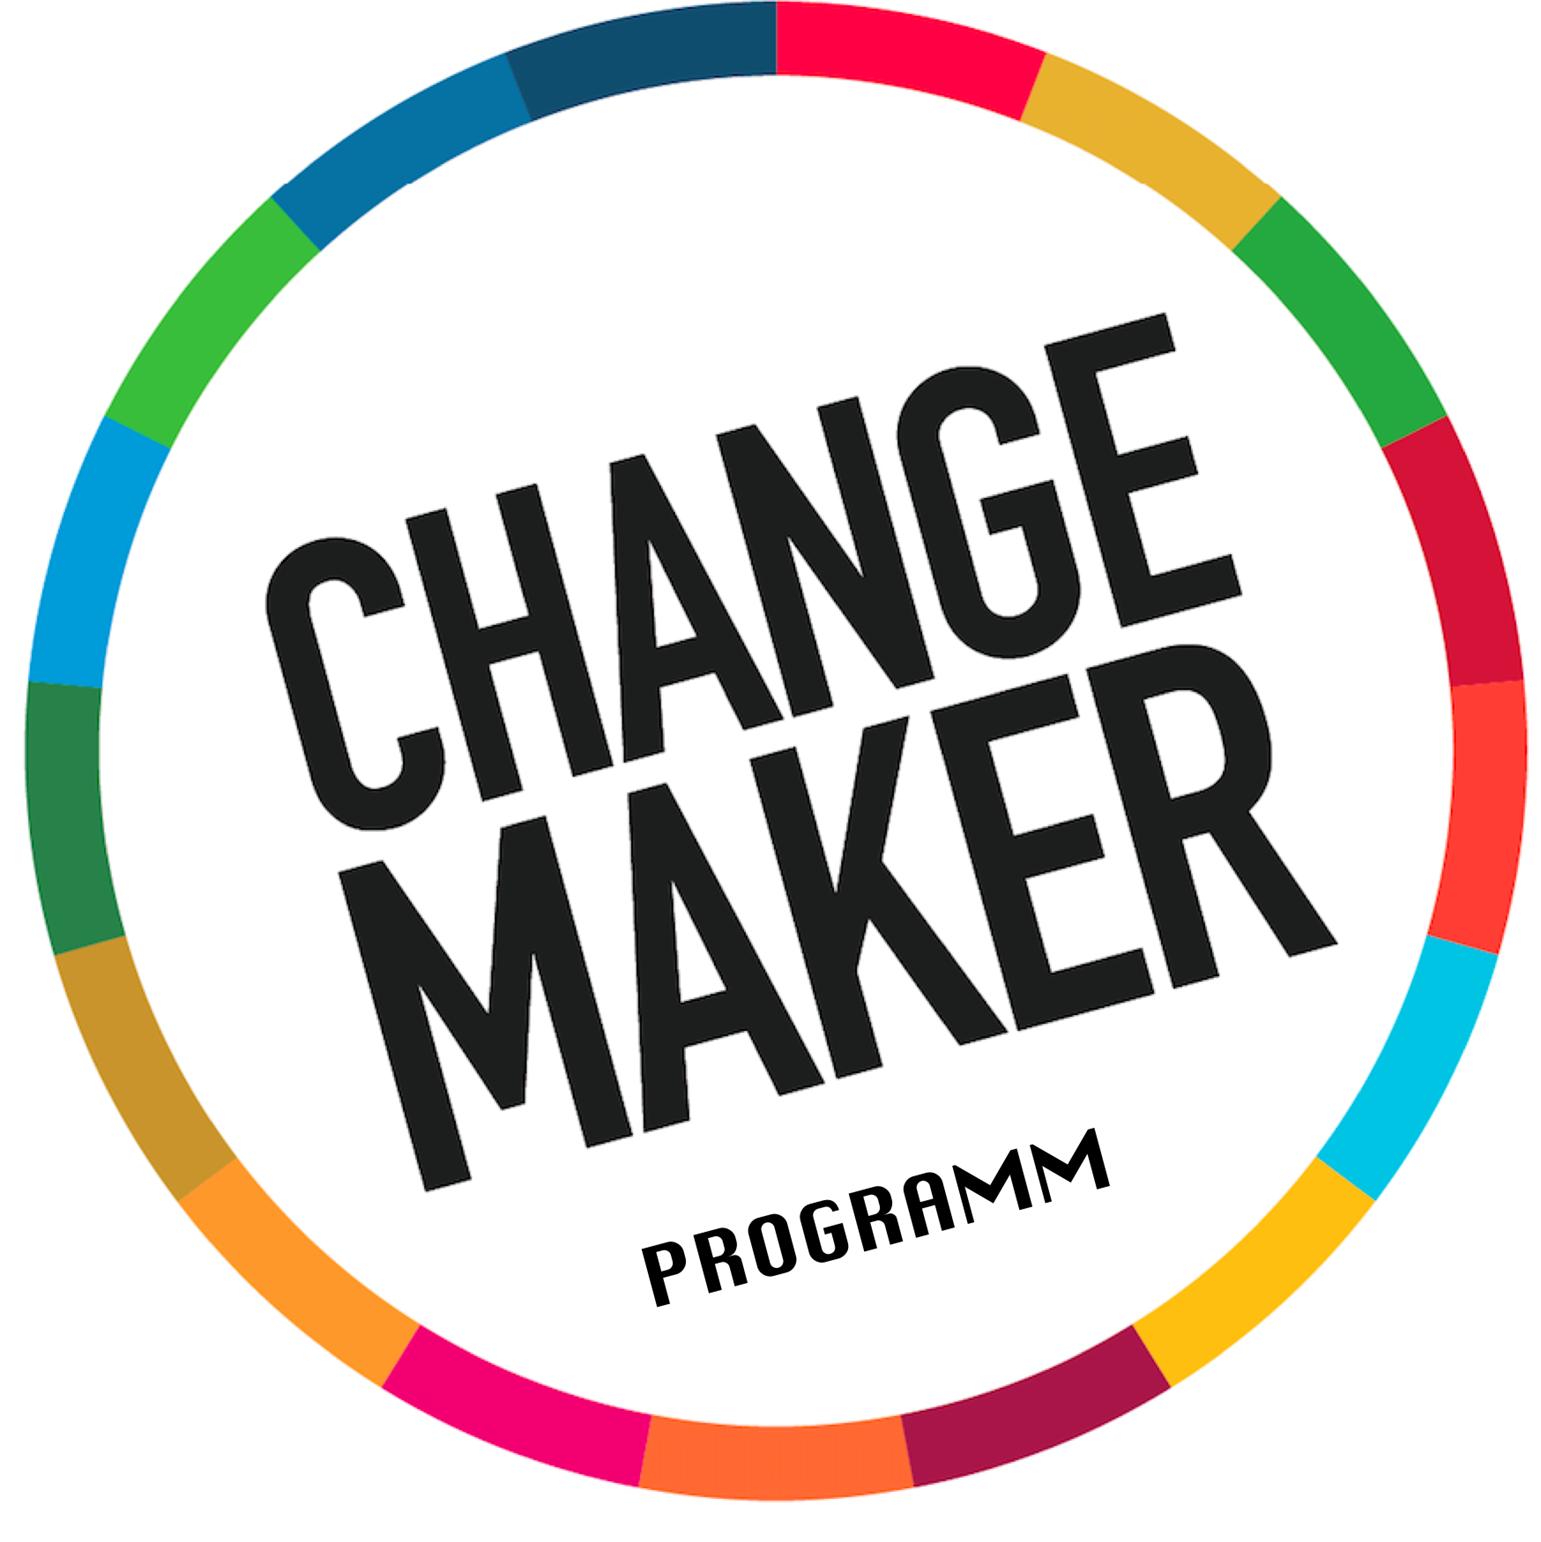 Changemaker_Logo_Programm.png